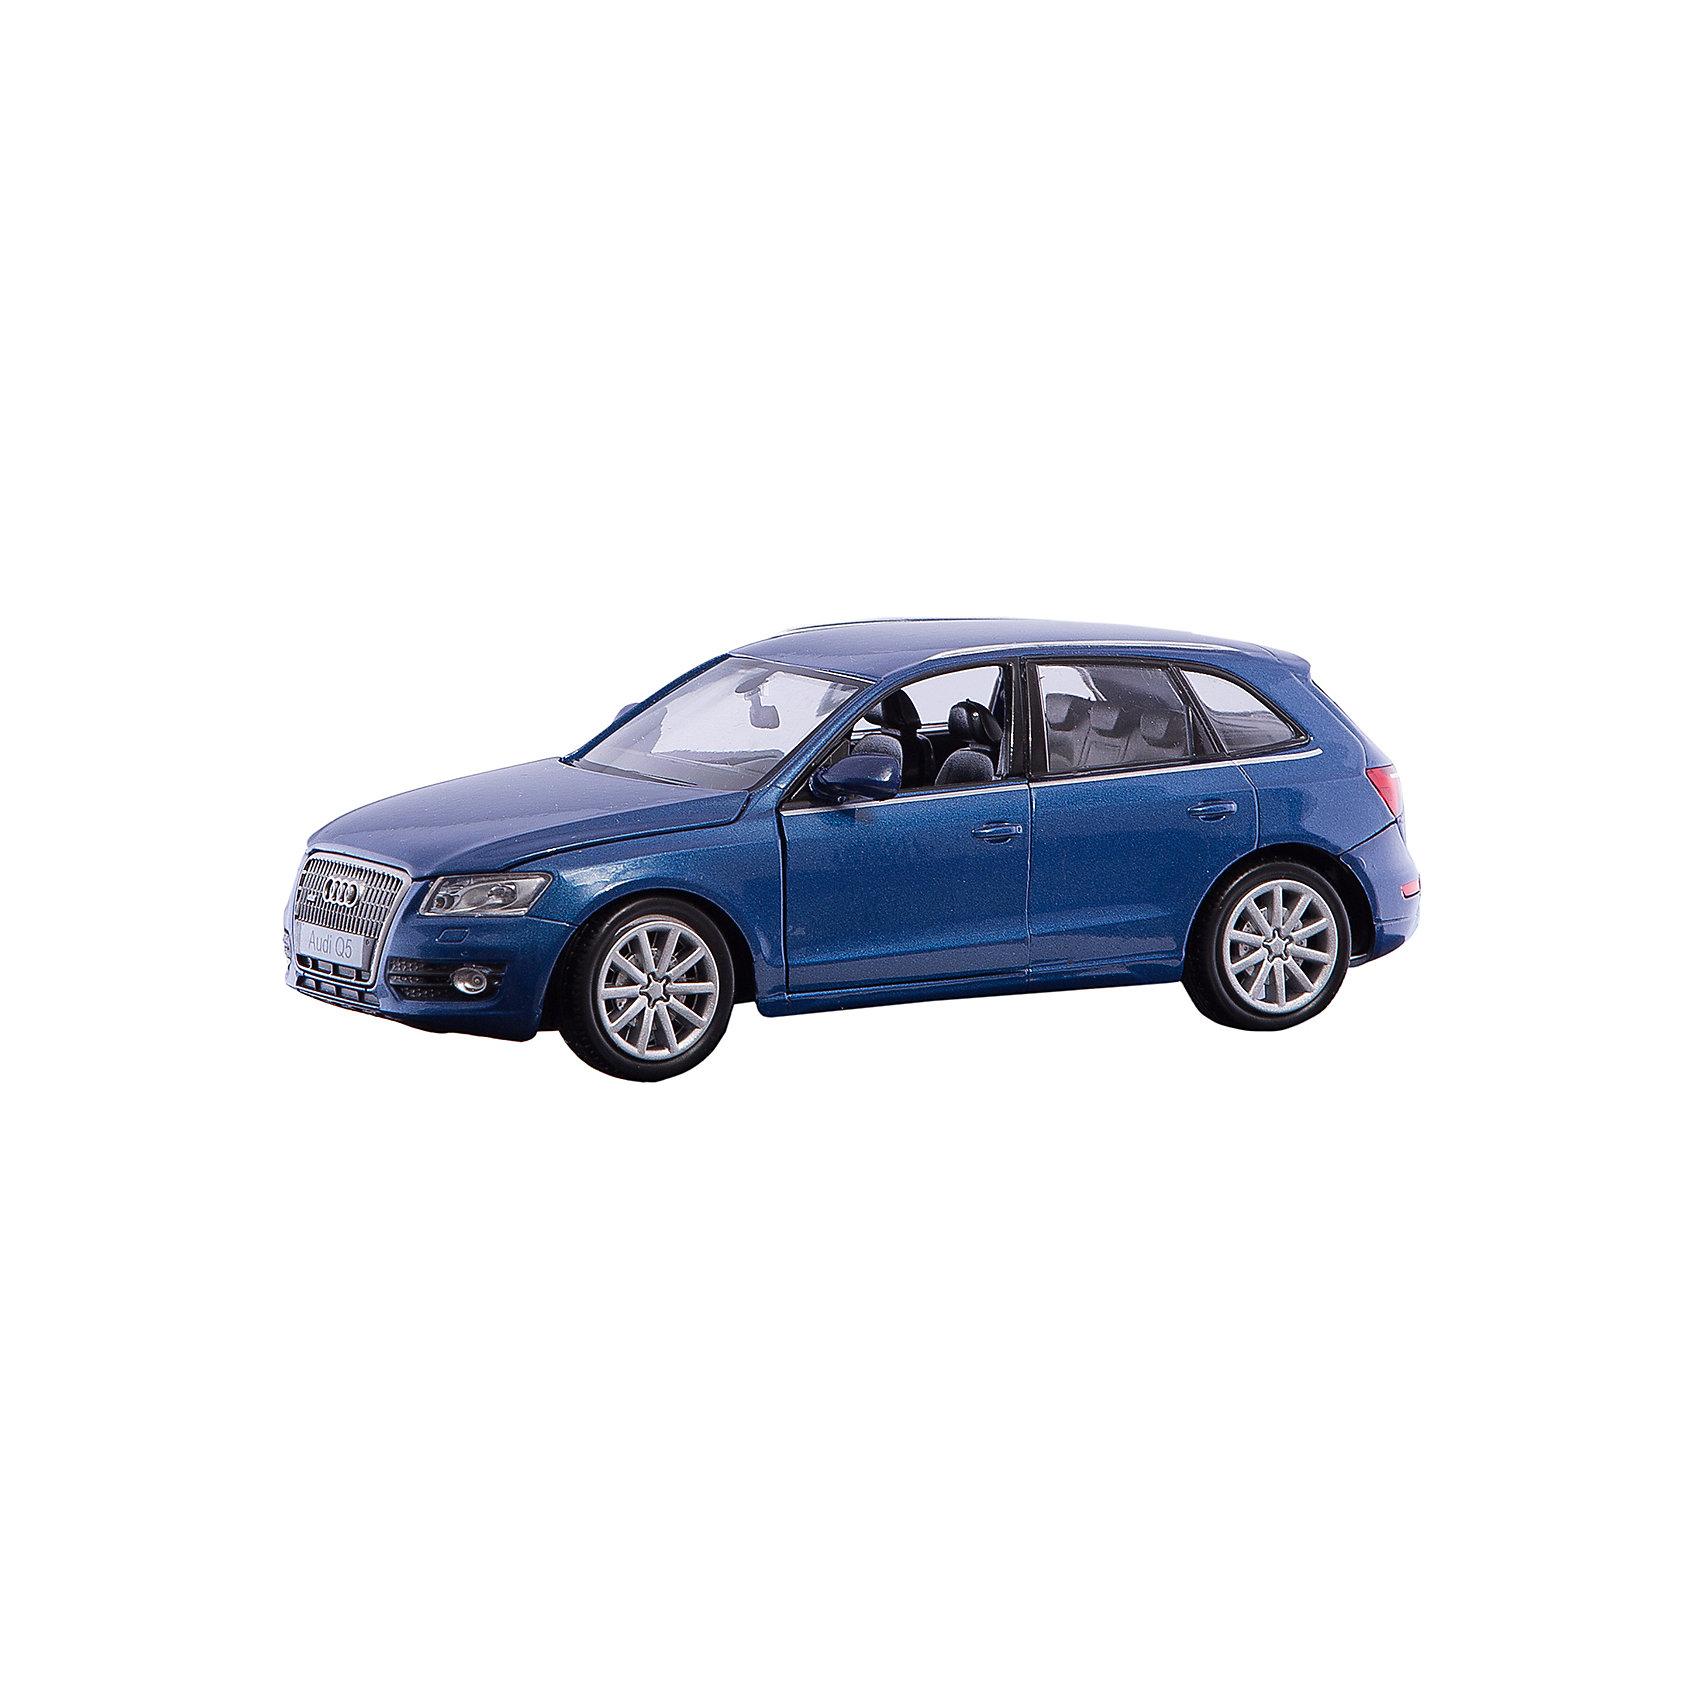 Машина AUDI Q5, 1:24, синяяМашинки<br><br><br>Ширина мм: 245<br>Глубина мм: 112<br>Высота мм: 102<br>Вес г: 542<br>Возраст от месяцев: 36<br>Возраст до месяцев: 84<br>Пол: Мужской<br>Возраст: Детский<br>SKU: 6722021